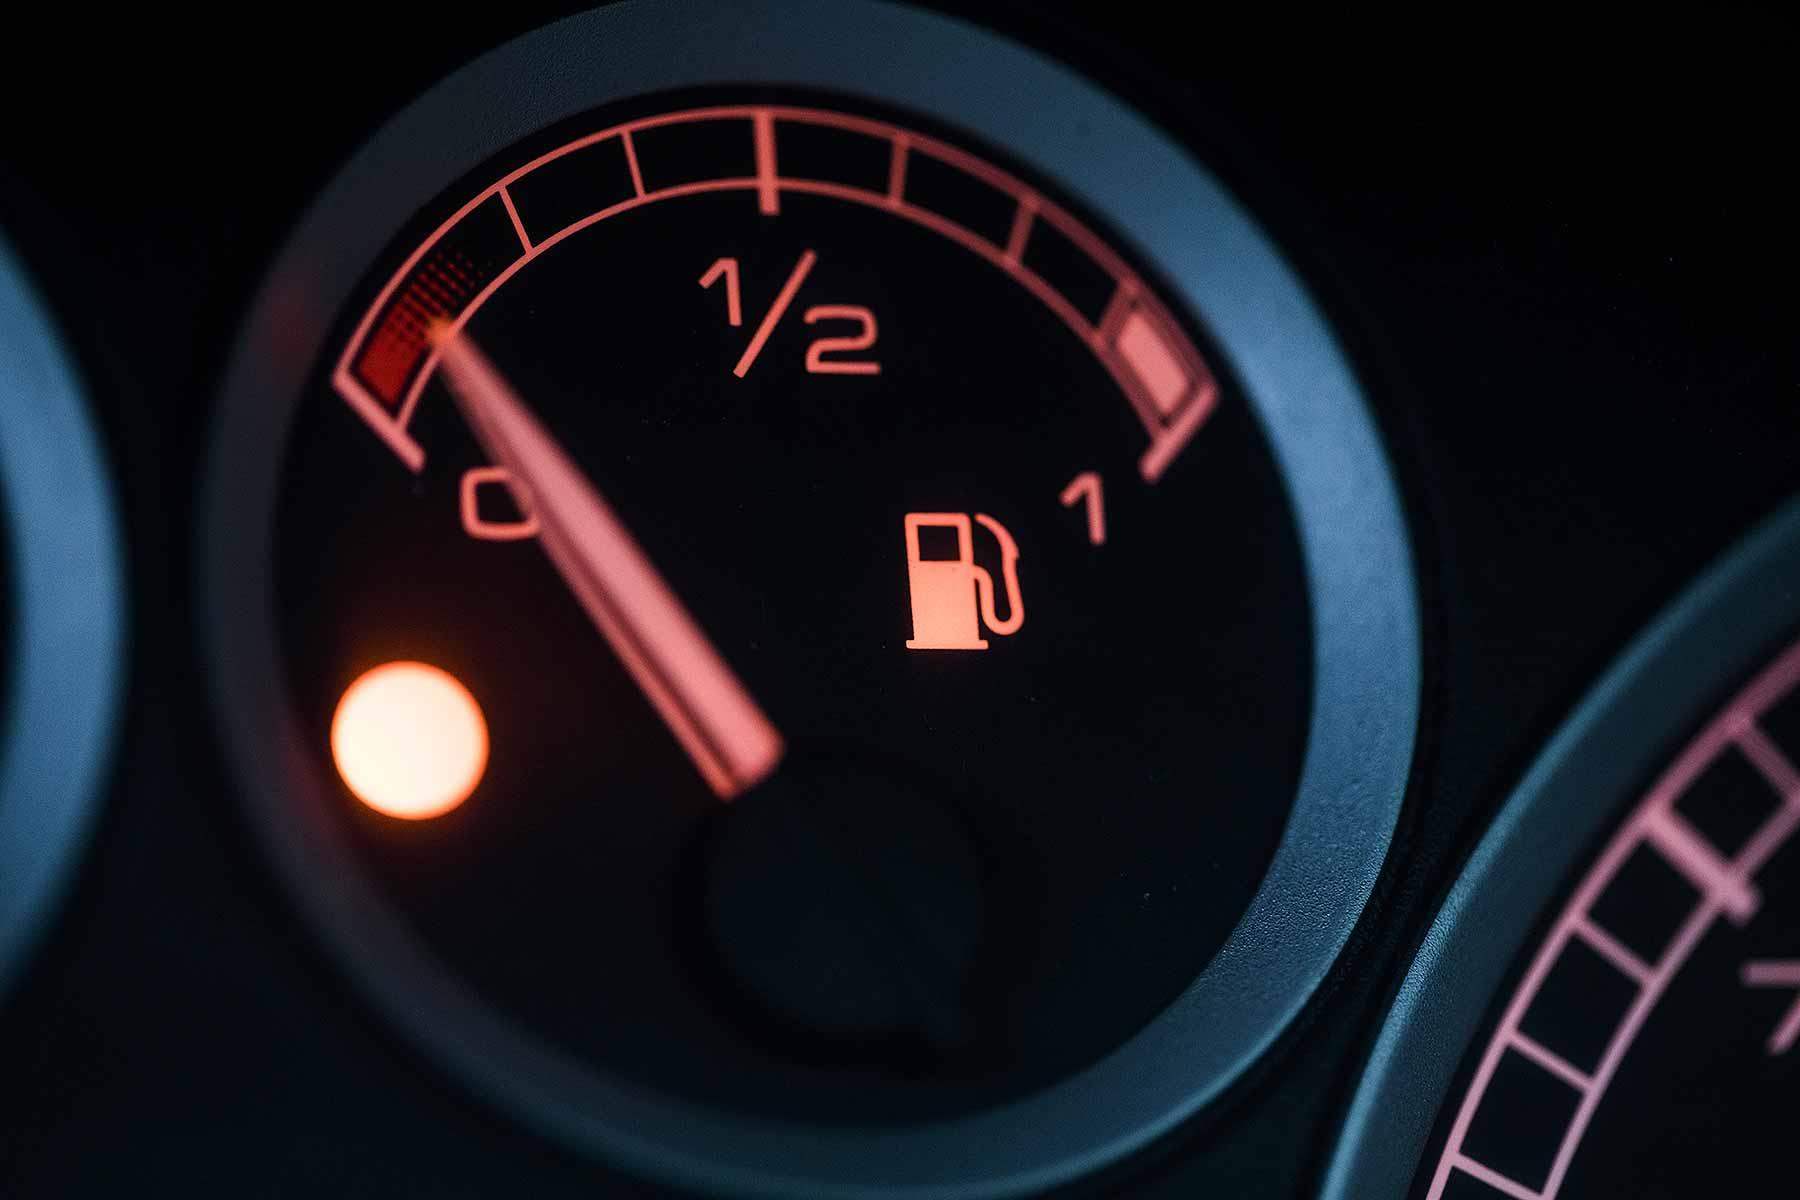 Zużycie paliwa w praktyce – co o nim decyduje?